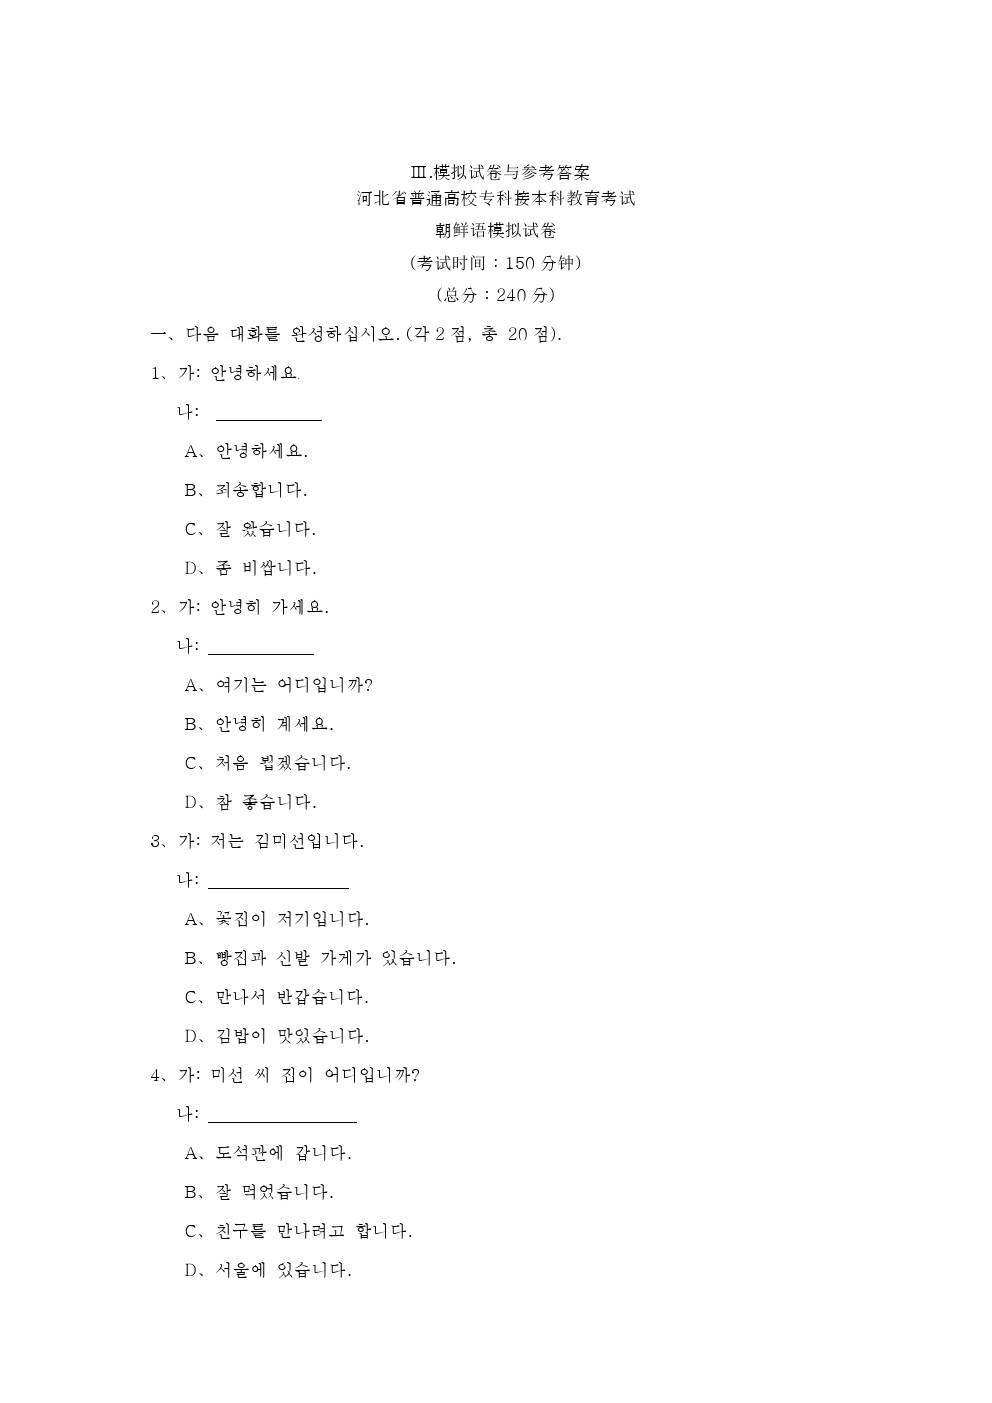 2020年河北省专接本考试外语类-朝鲜语专业考试说明